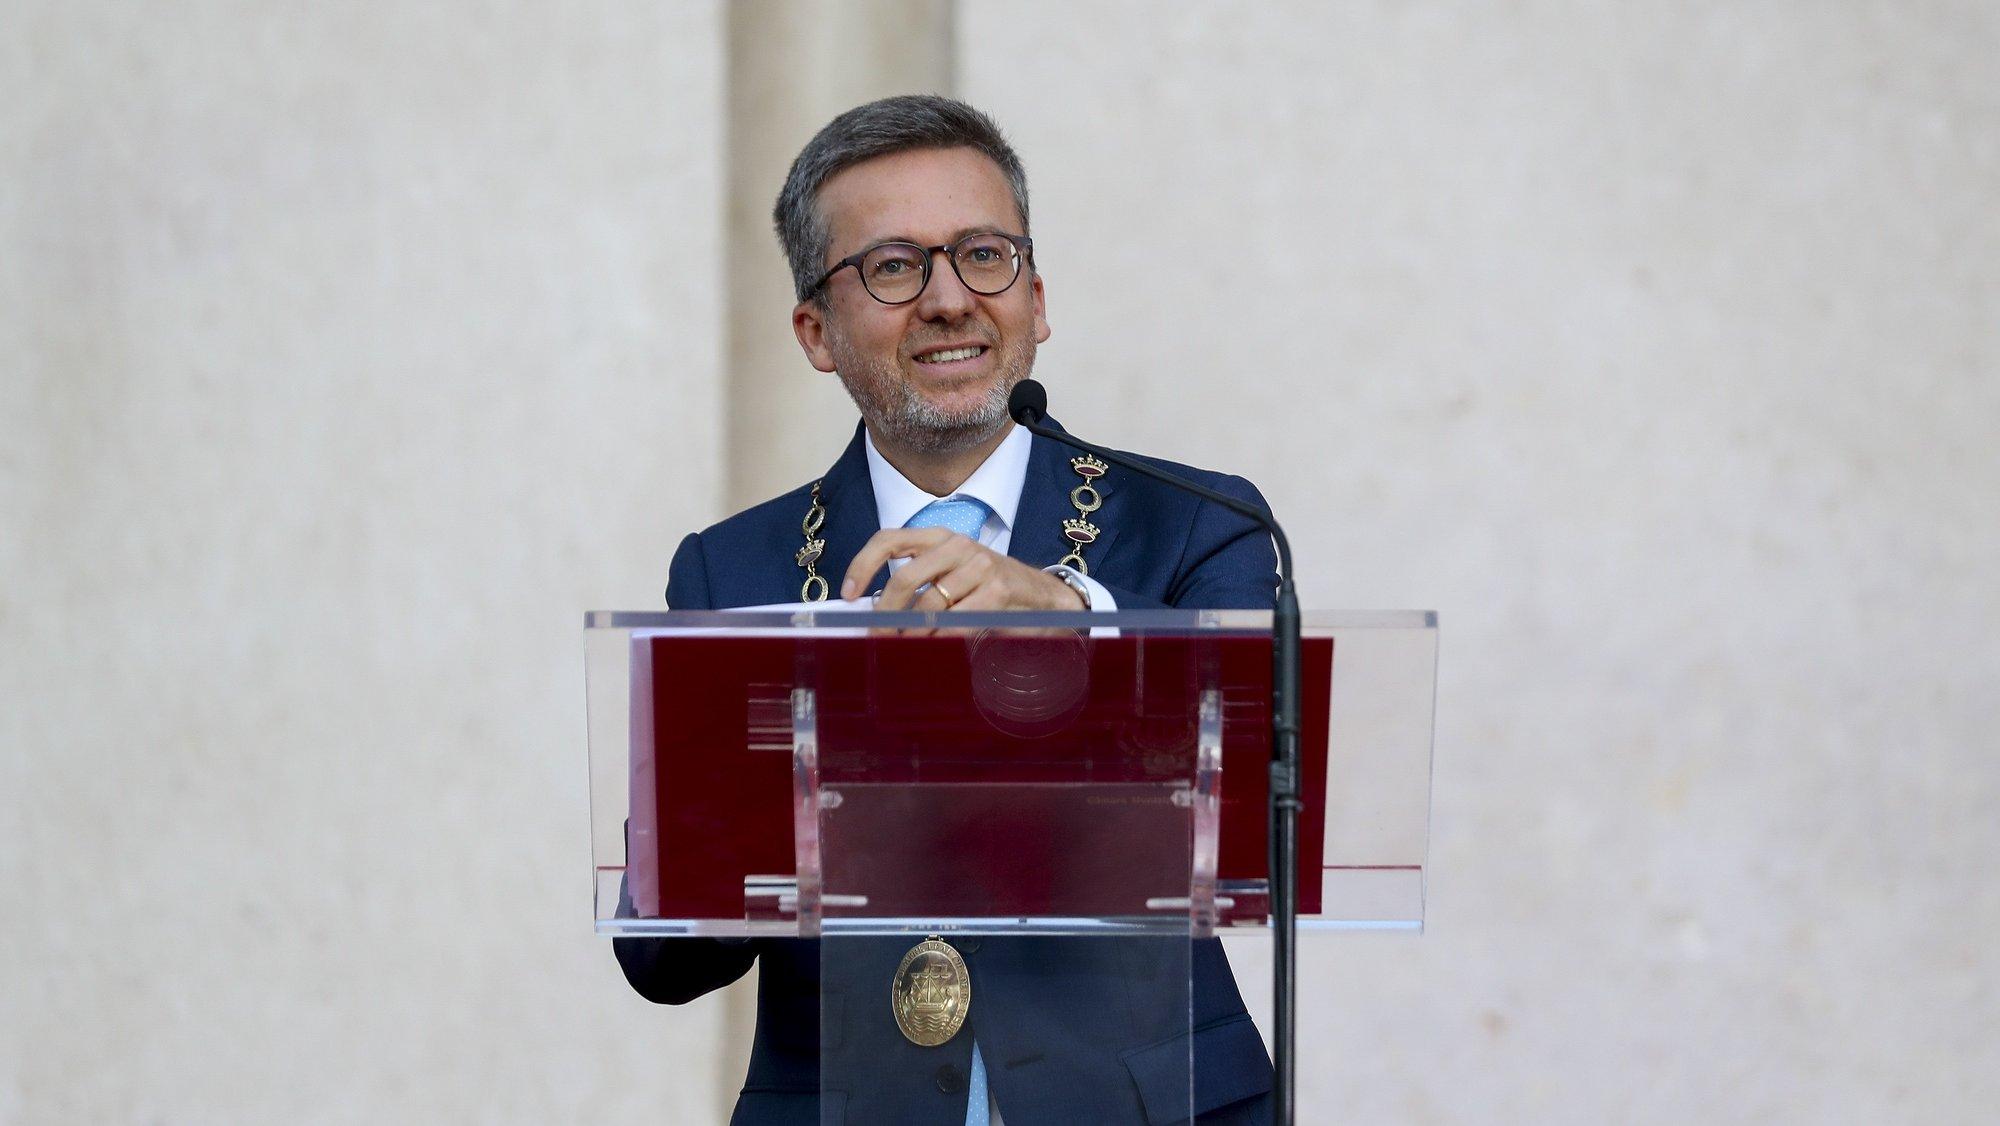 O novo presidente da Câmara Municipal de Lisboa, Carlos Moedas, intervém durante a cerimónia de instalação e posse do presidente e vereadores eleitos para a autarquia lisboeta, bem como dos deputados municipais eleitos para a Assembleia Municipal de Lisboa, realizada nos Paços do Concelho de Lisboa, 18 de outubro de 2021. ANTÓNIO COTRIM/LUSA